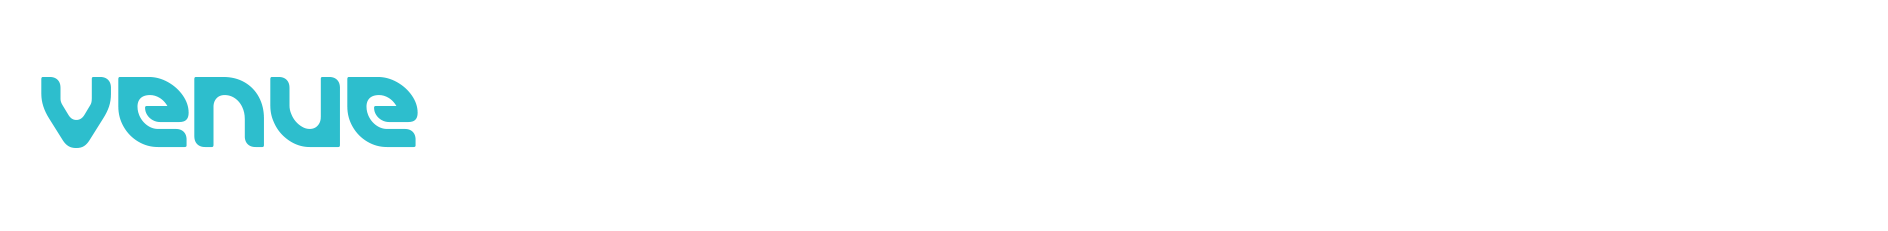 Venue - header png